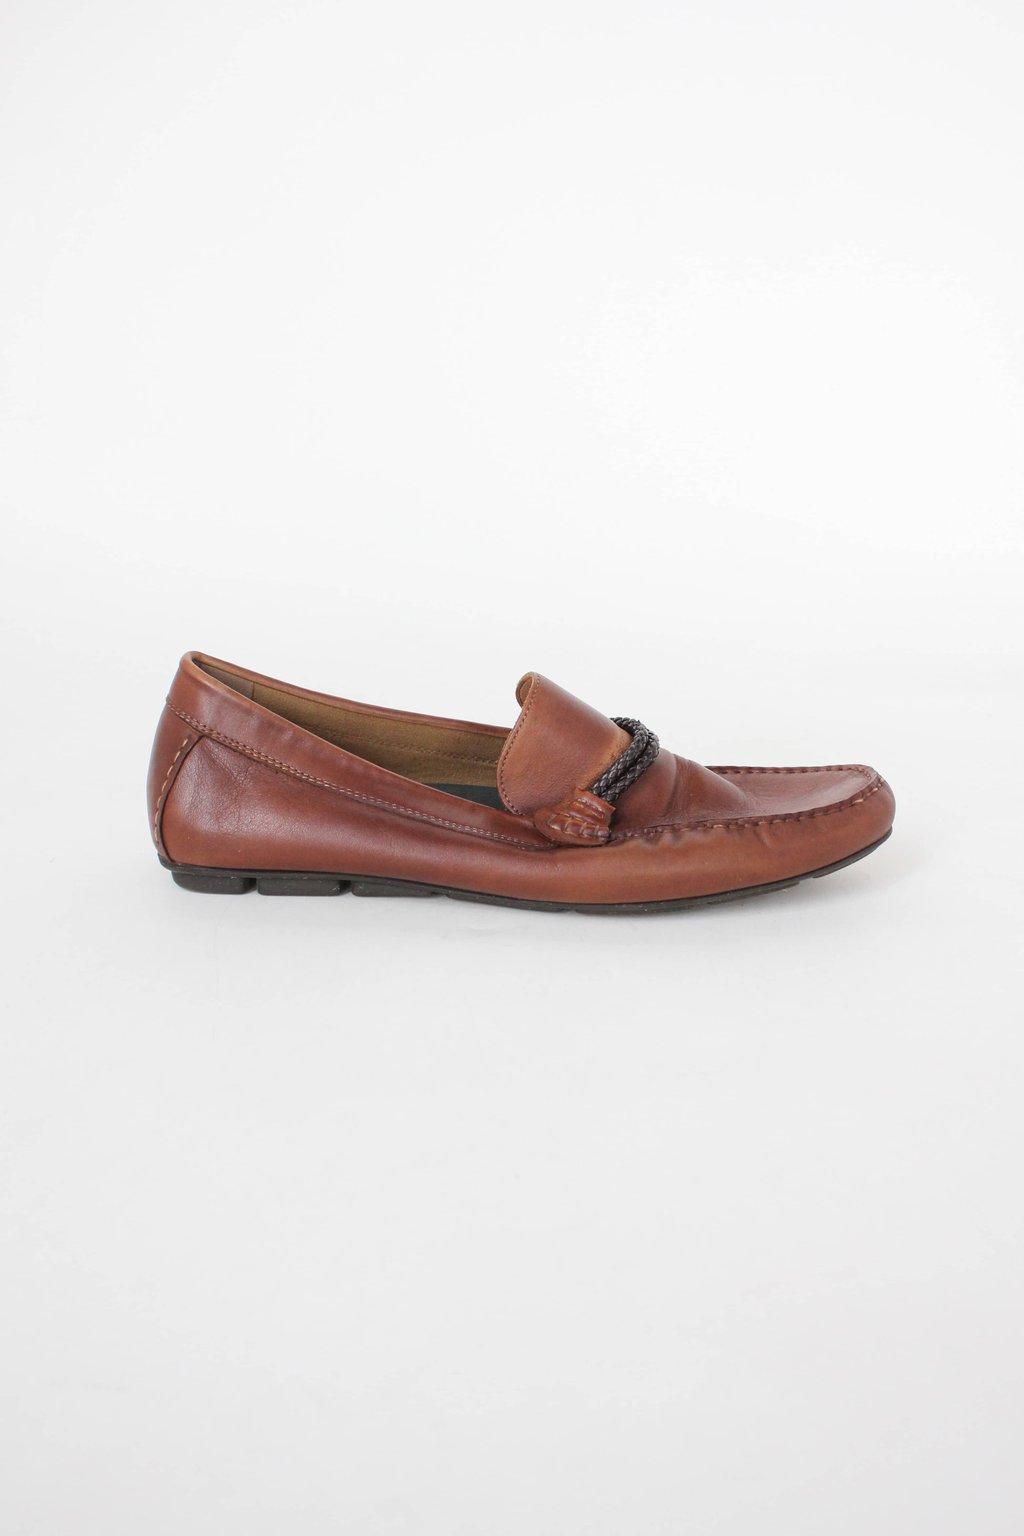 Sapato aldo masculino marrom